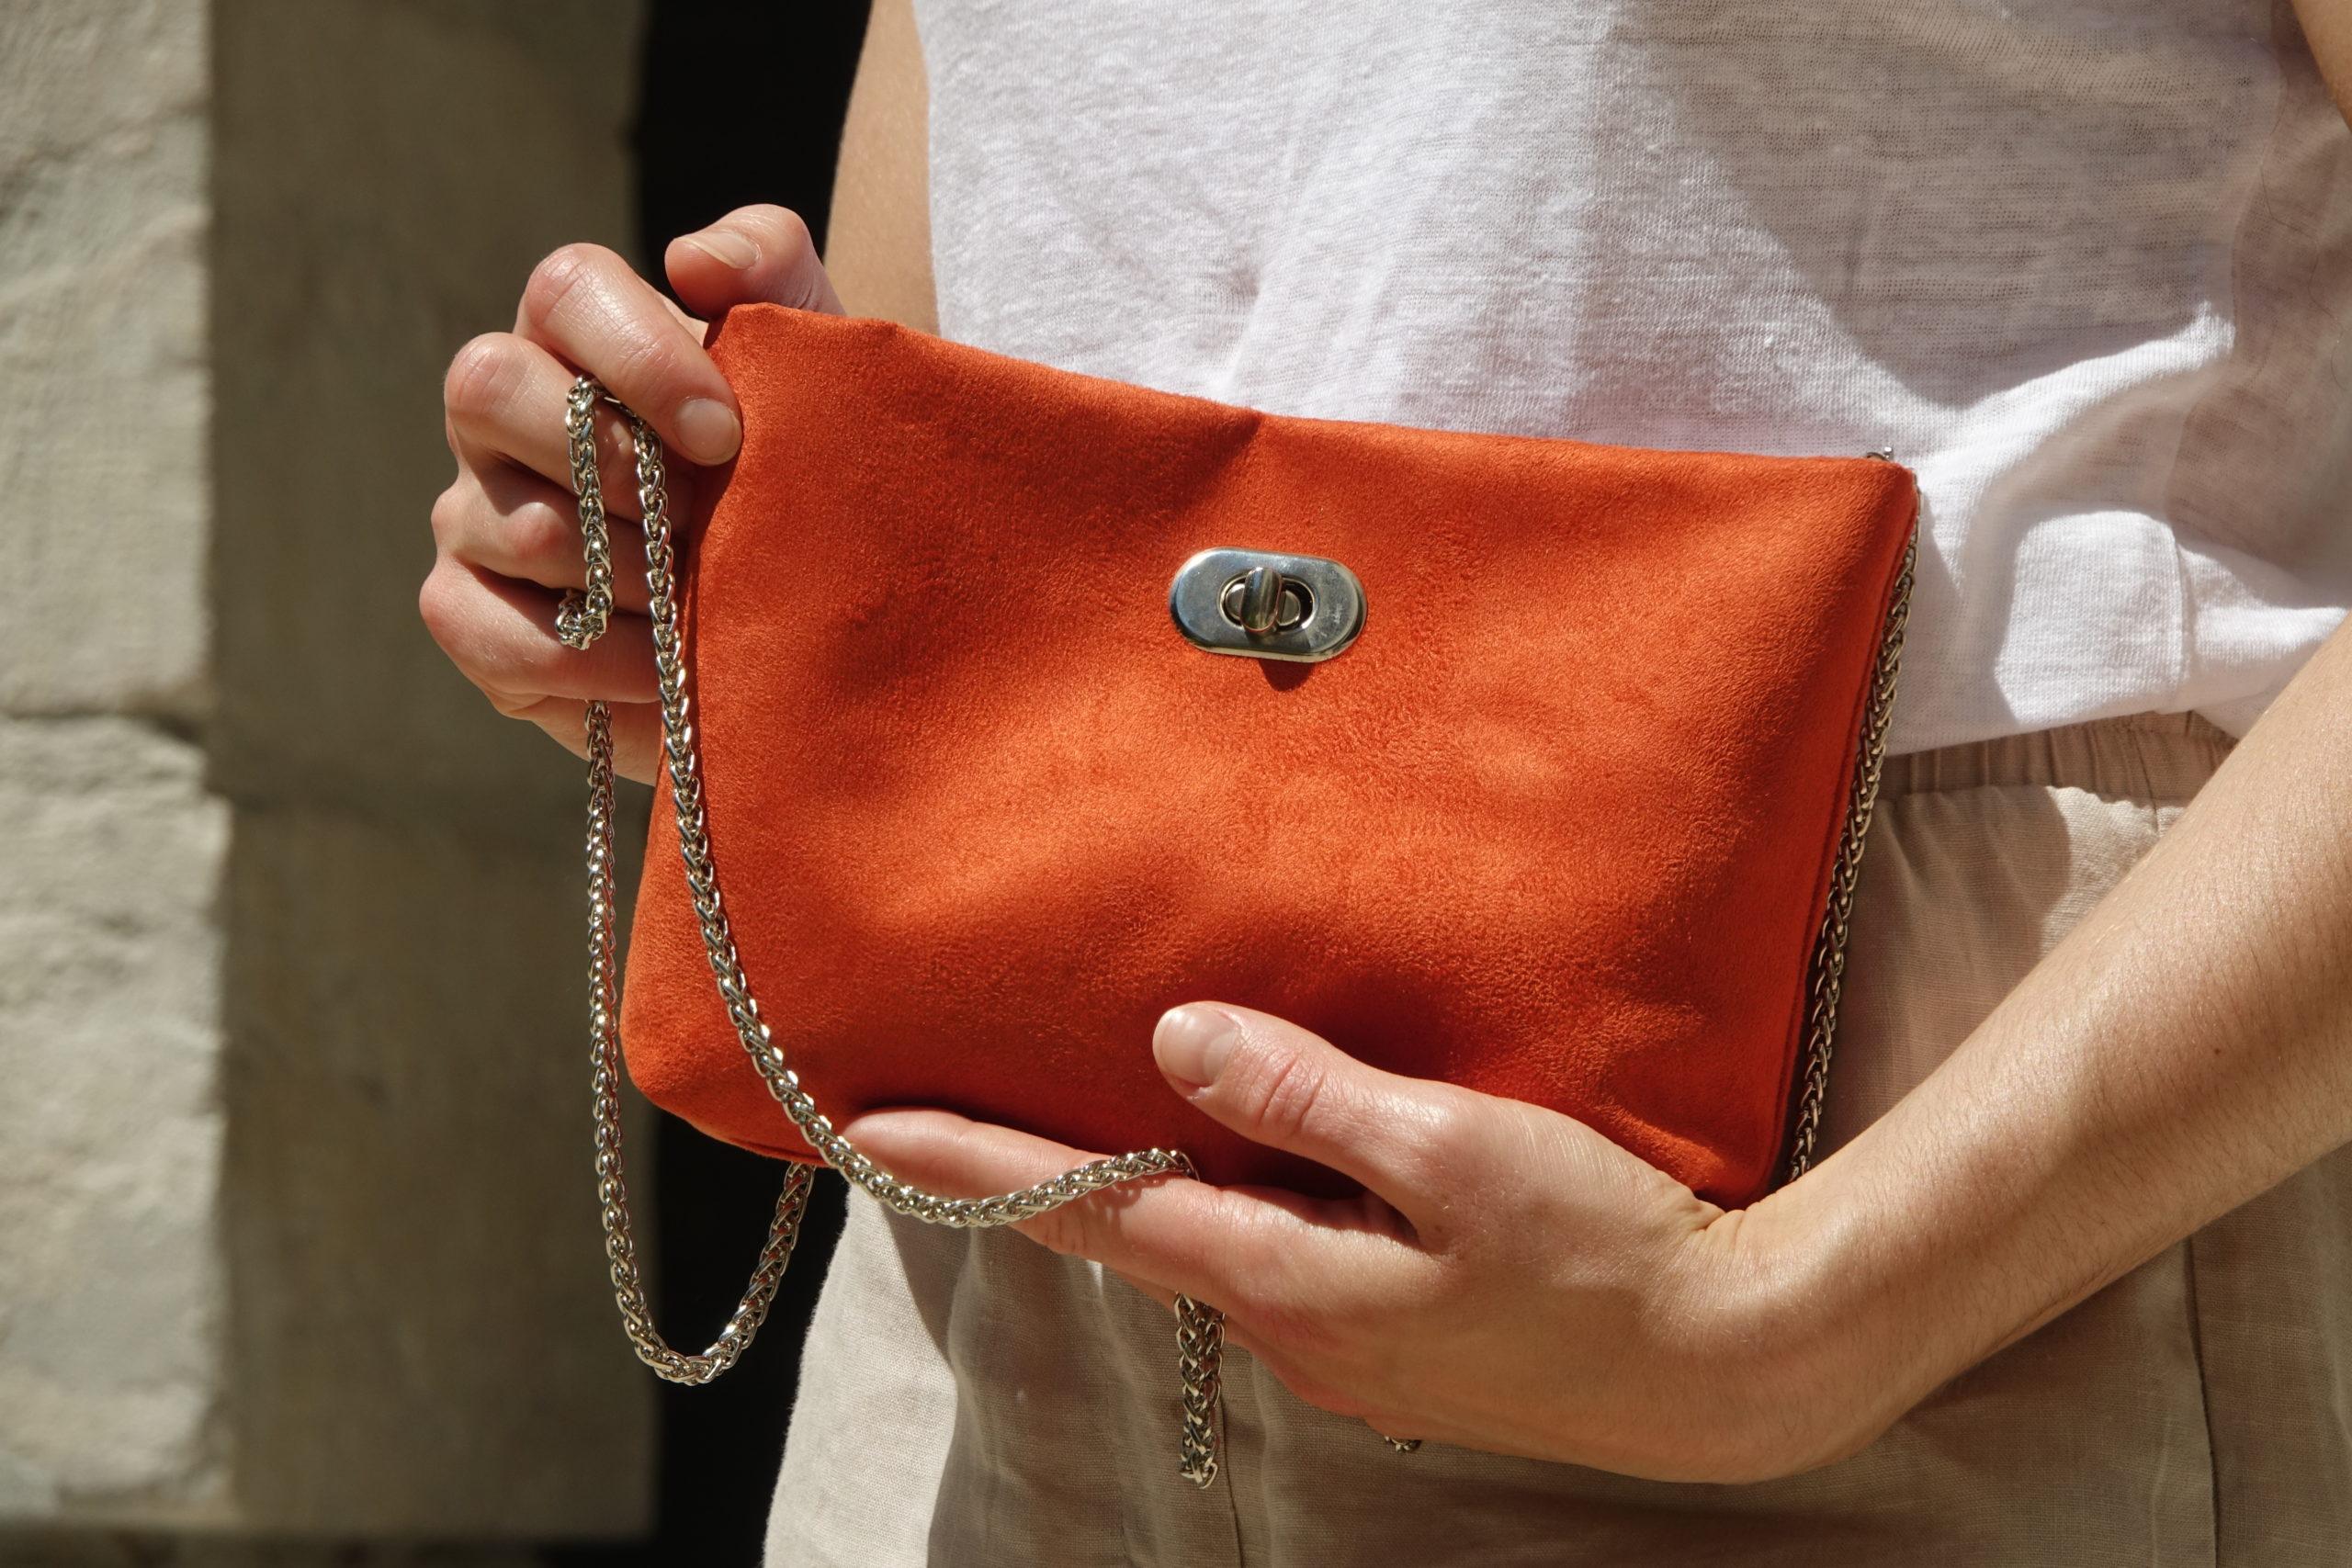 pochette orange avec fermoir